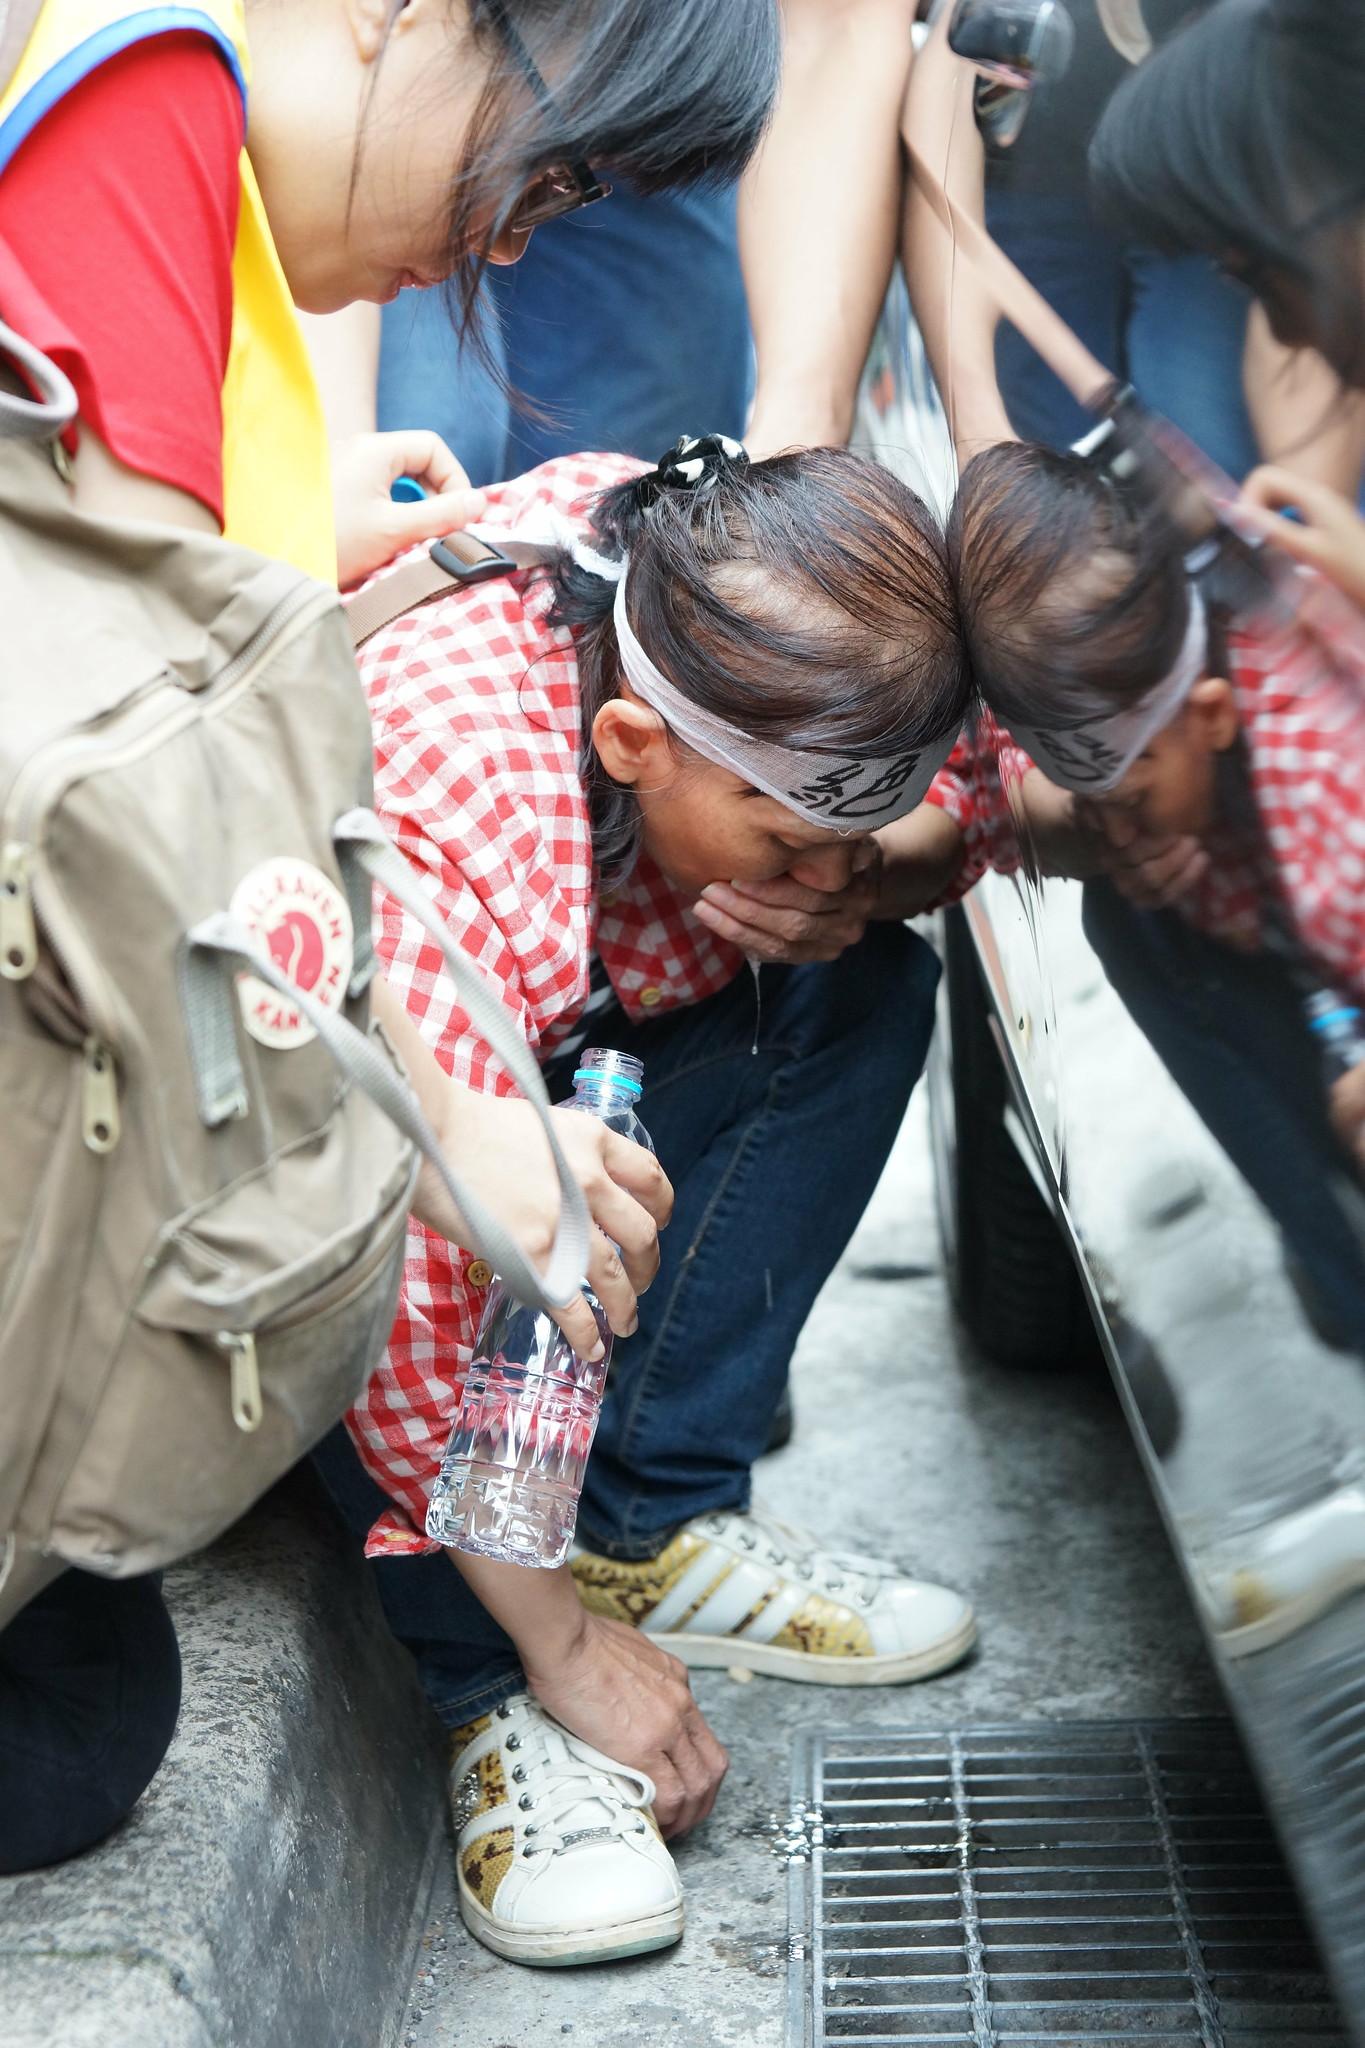 絕食邁入第五天的三名絕食女工上午也一同北上,58歲的陳美秀在行動過程中幾度體力不支,必須仰賴其他工會幹部攙扶至路邊乾嘔。(攝影:王顥中)